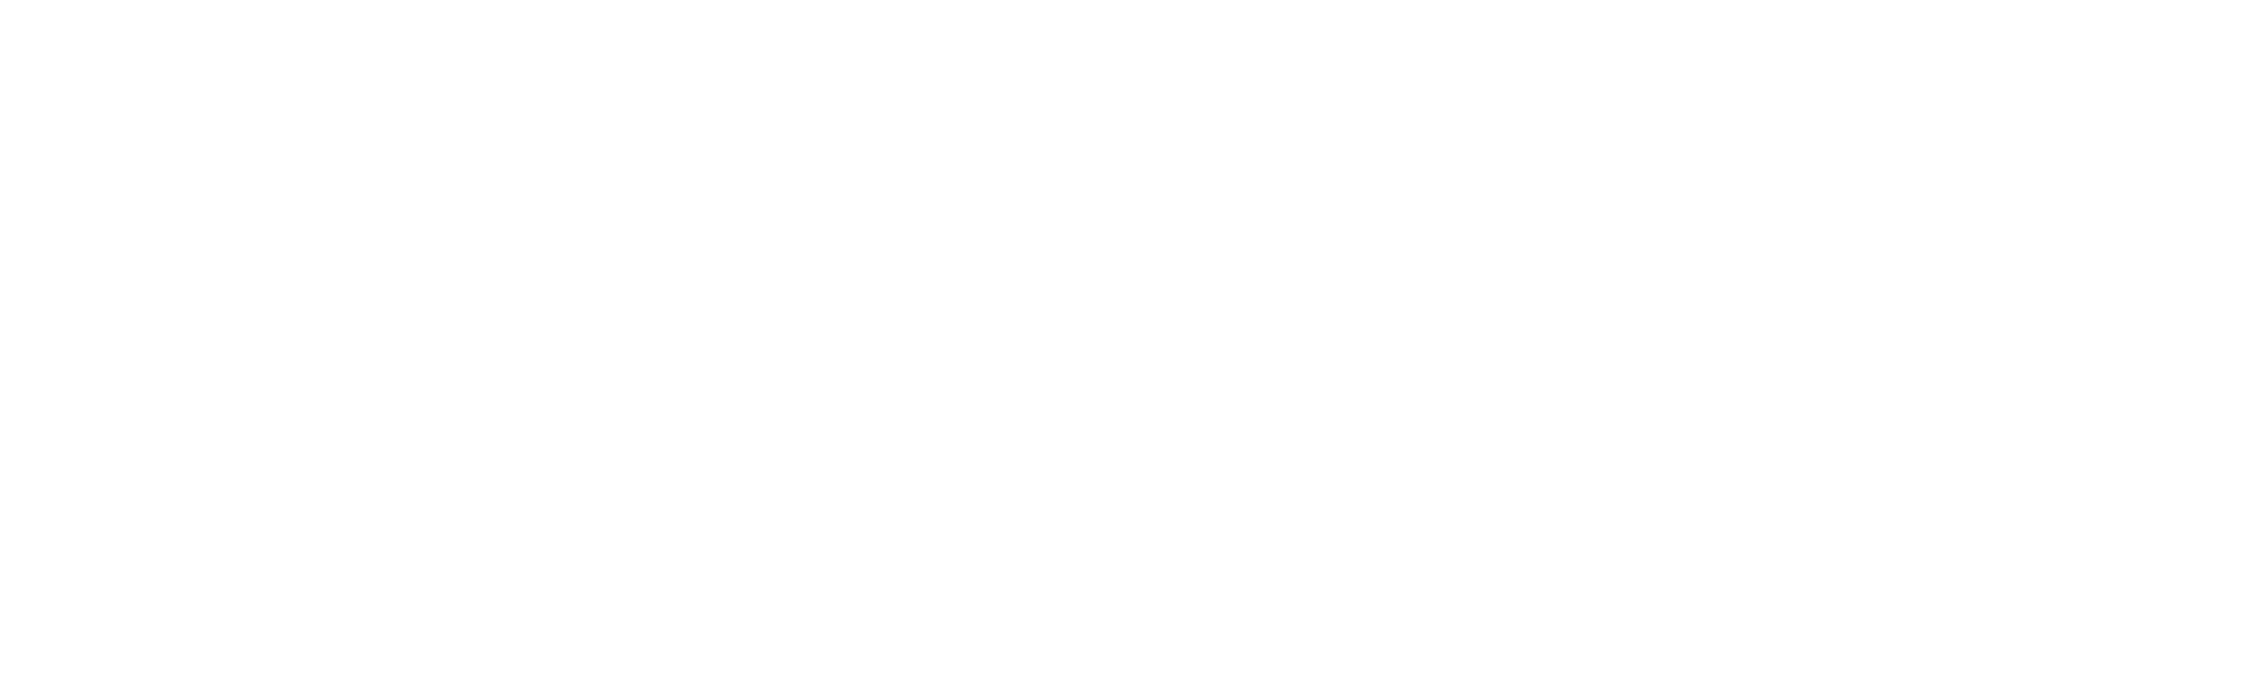 PBDP Co